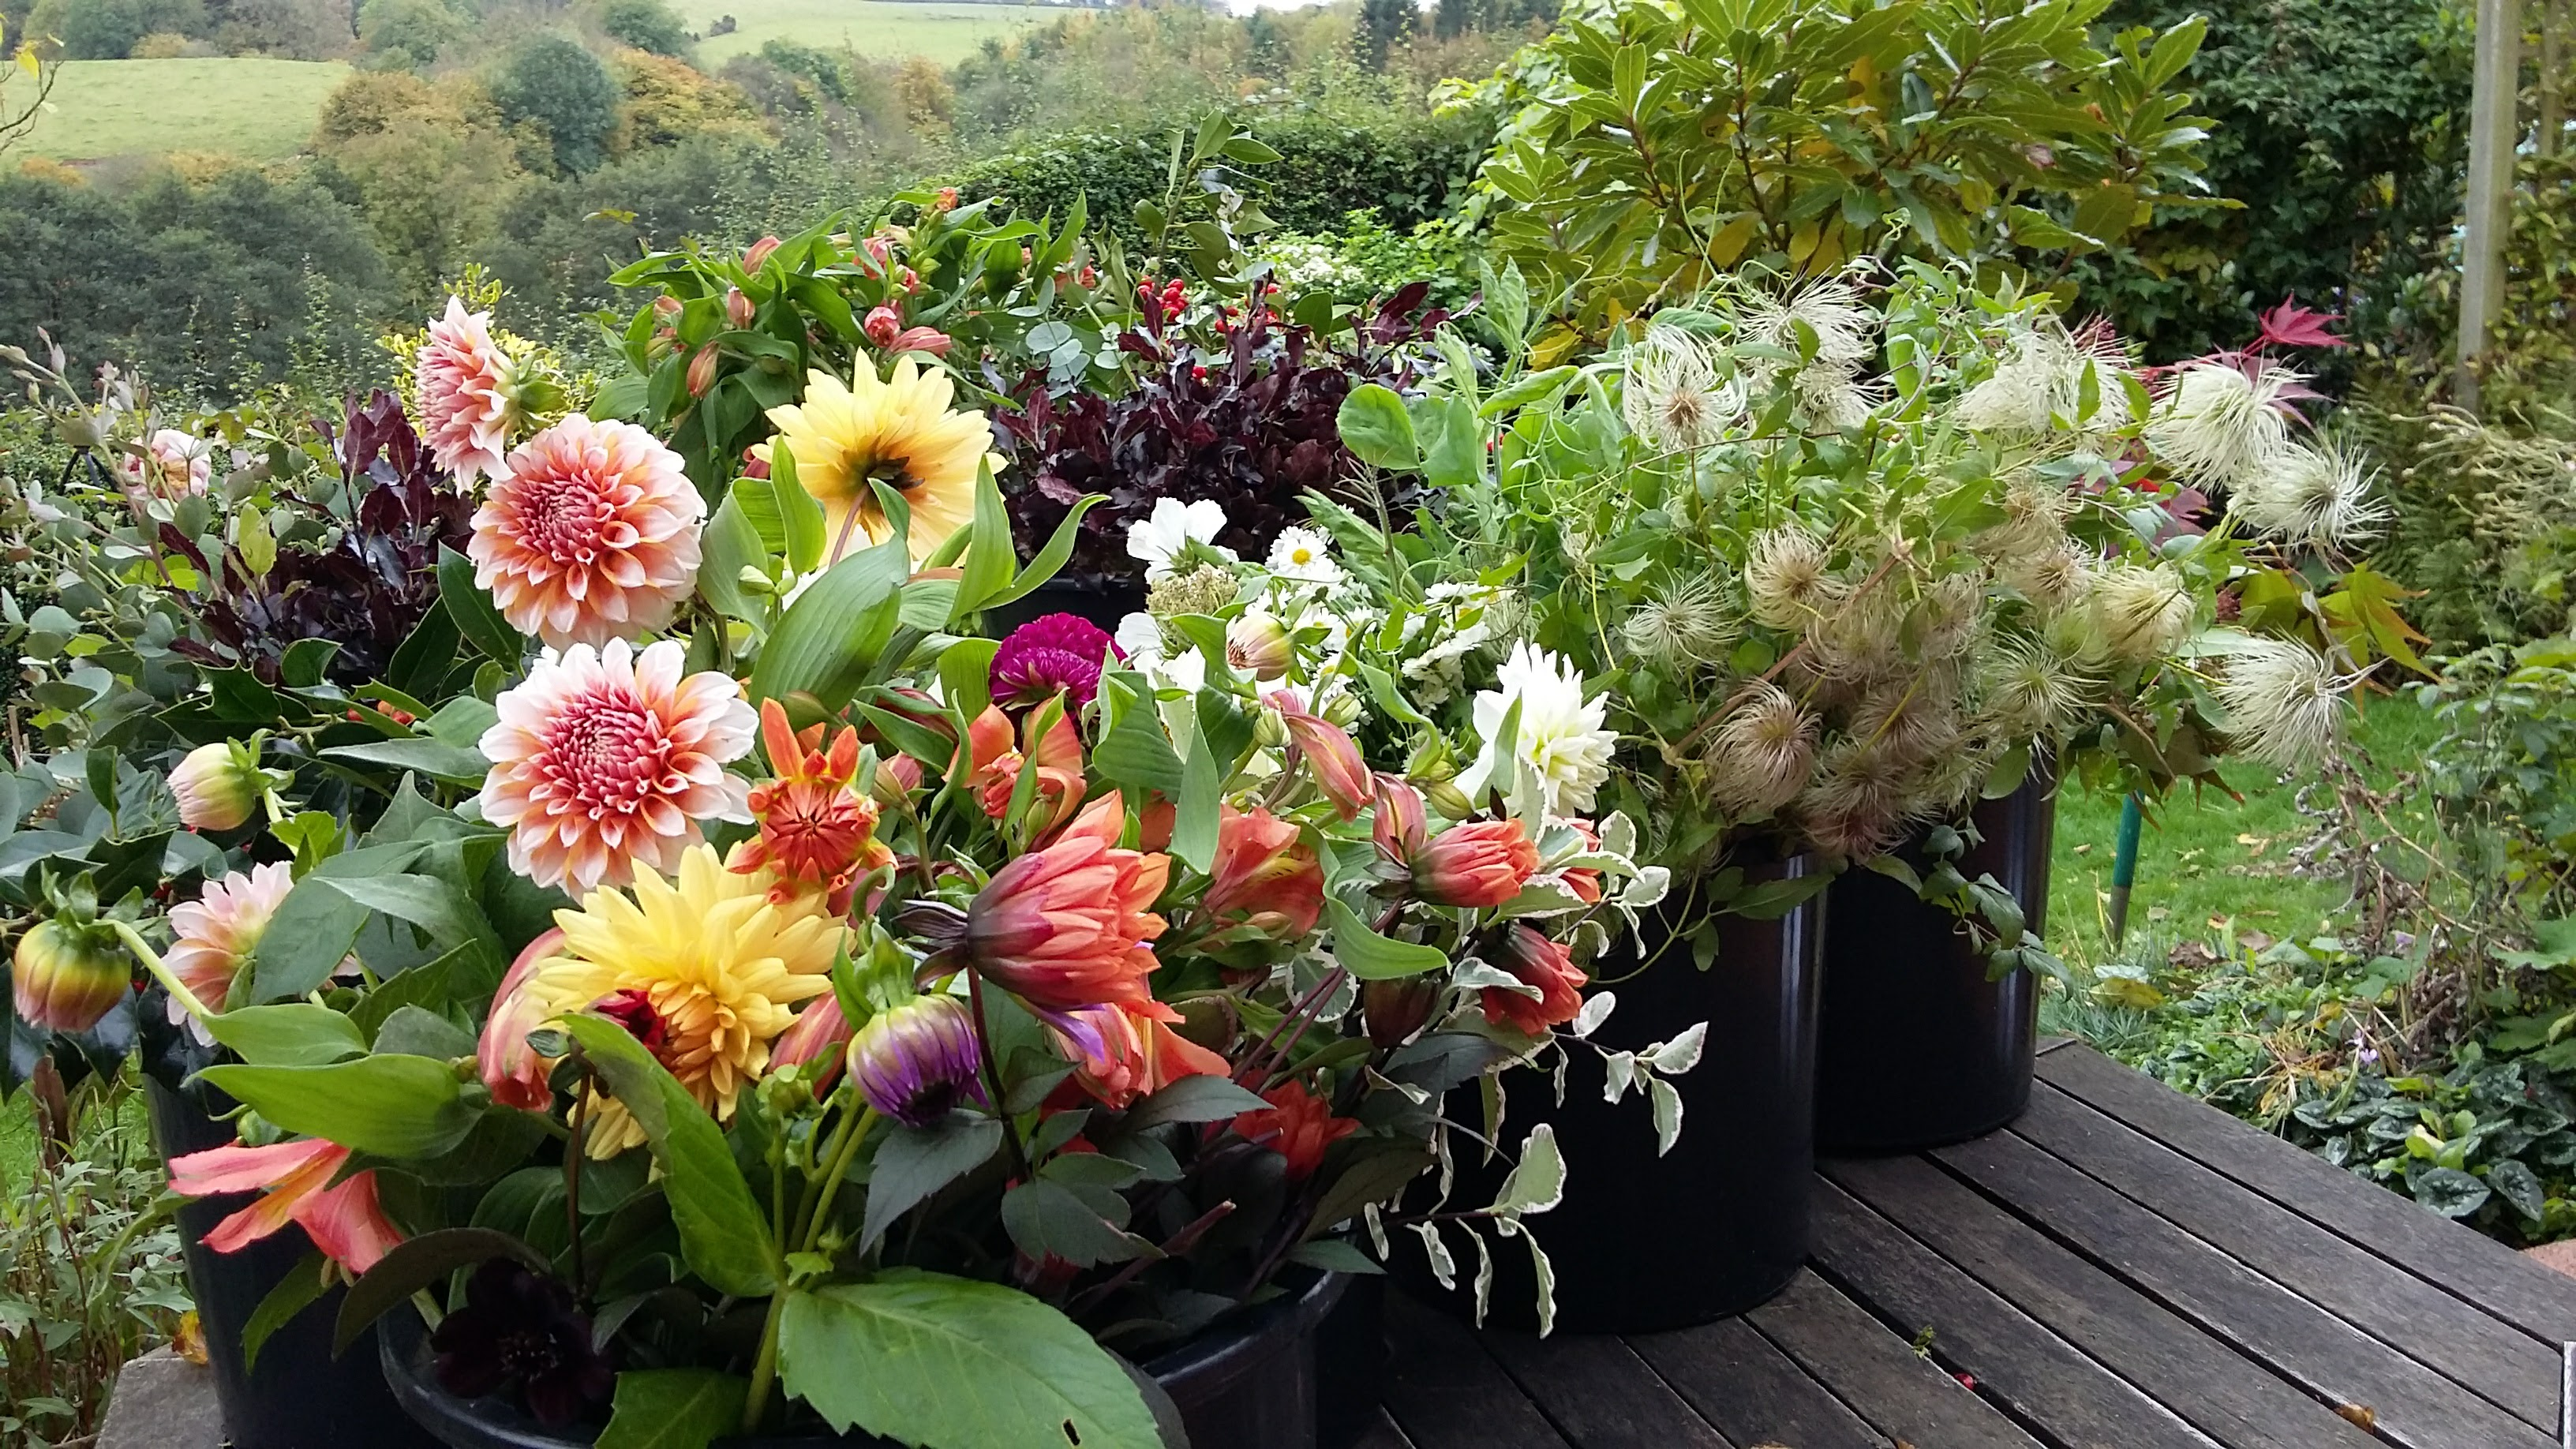 ... Locally Grown Flowers For A Wedding Bouquet From Somerset Cut Flower  Garden ...